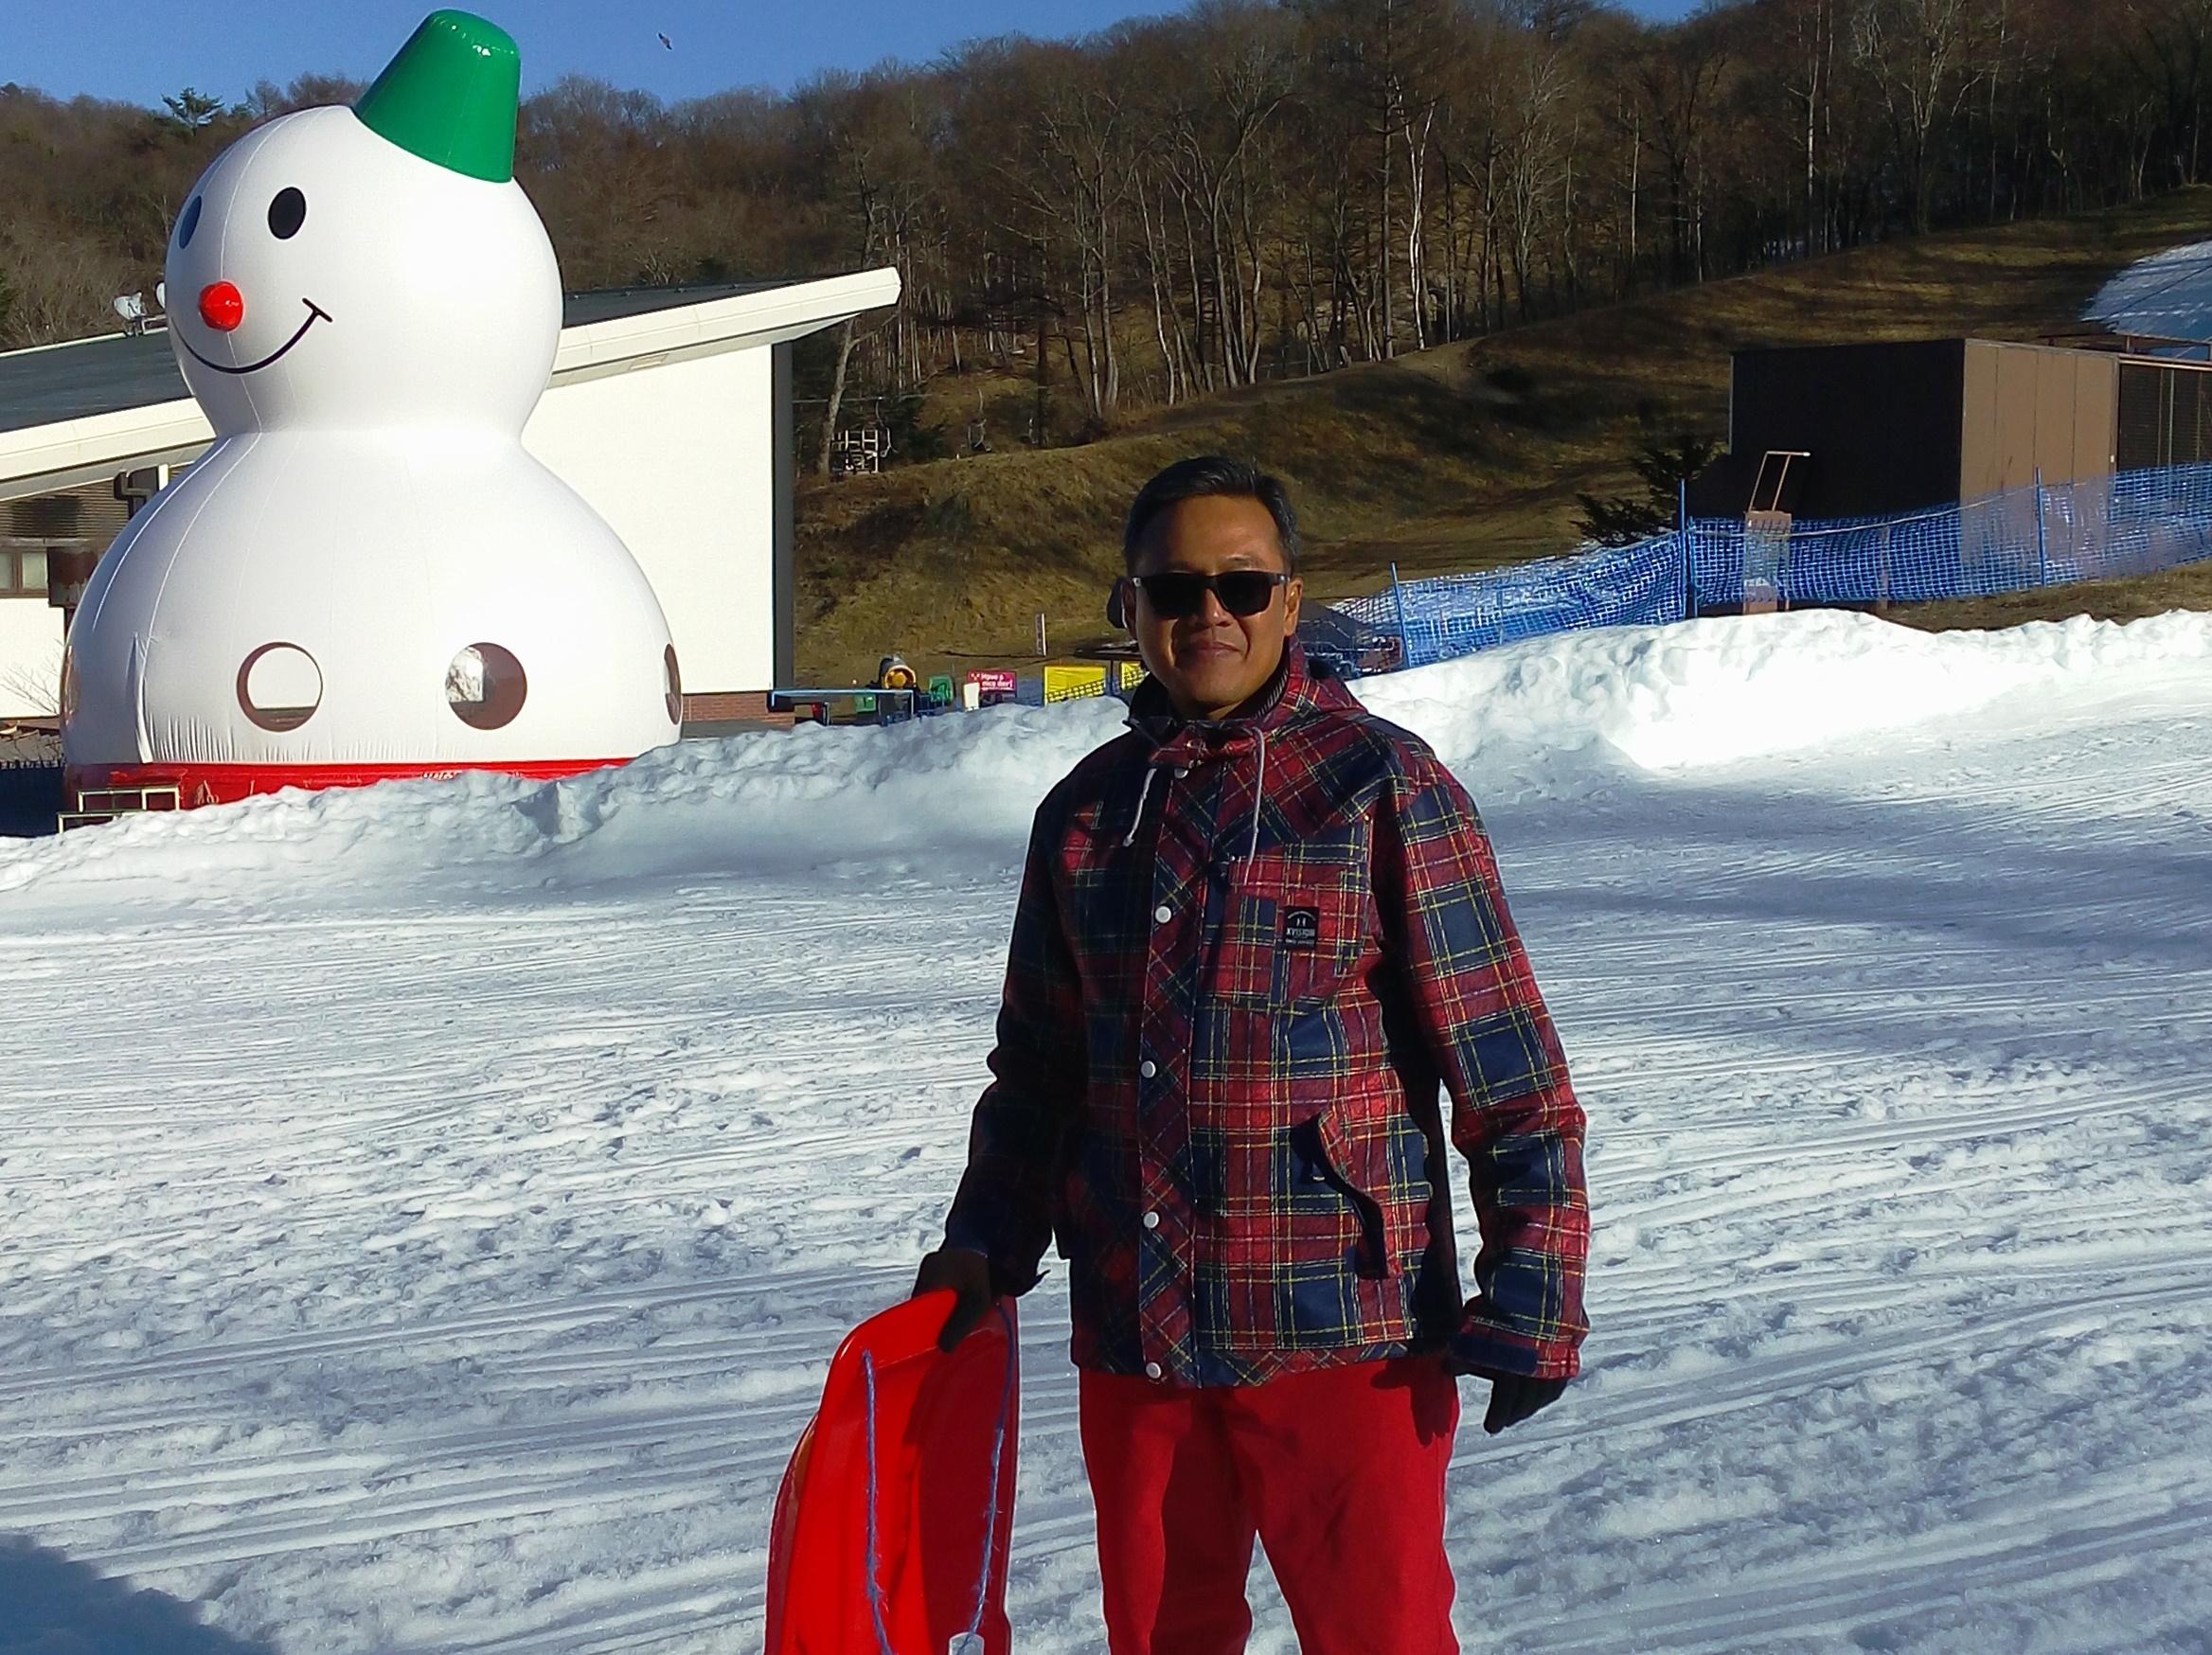 karuizawa-ski-28djandjun